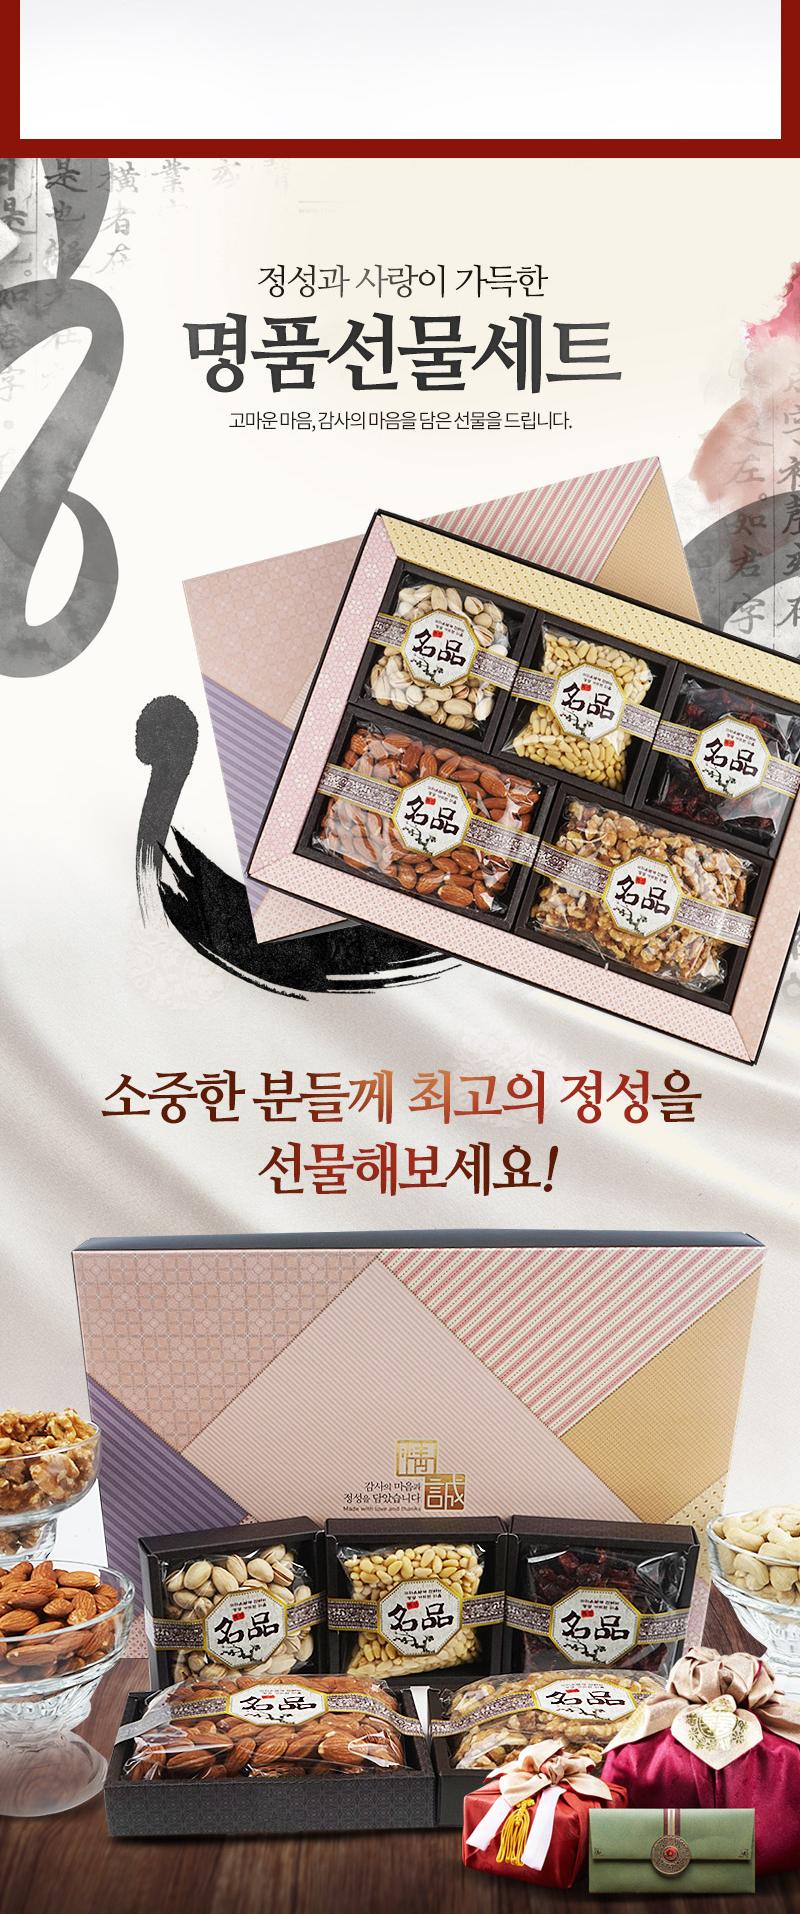 캐슈넛,브라질너트,견과류세트,땅콩,한줌견과,과일견과류